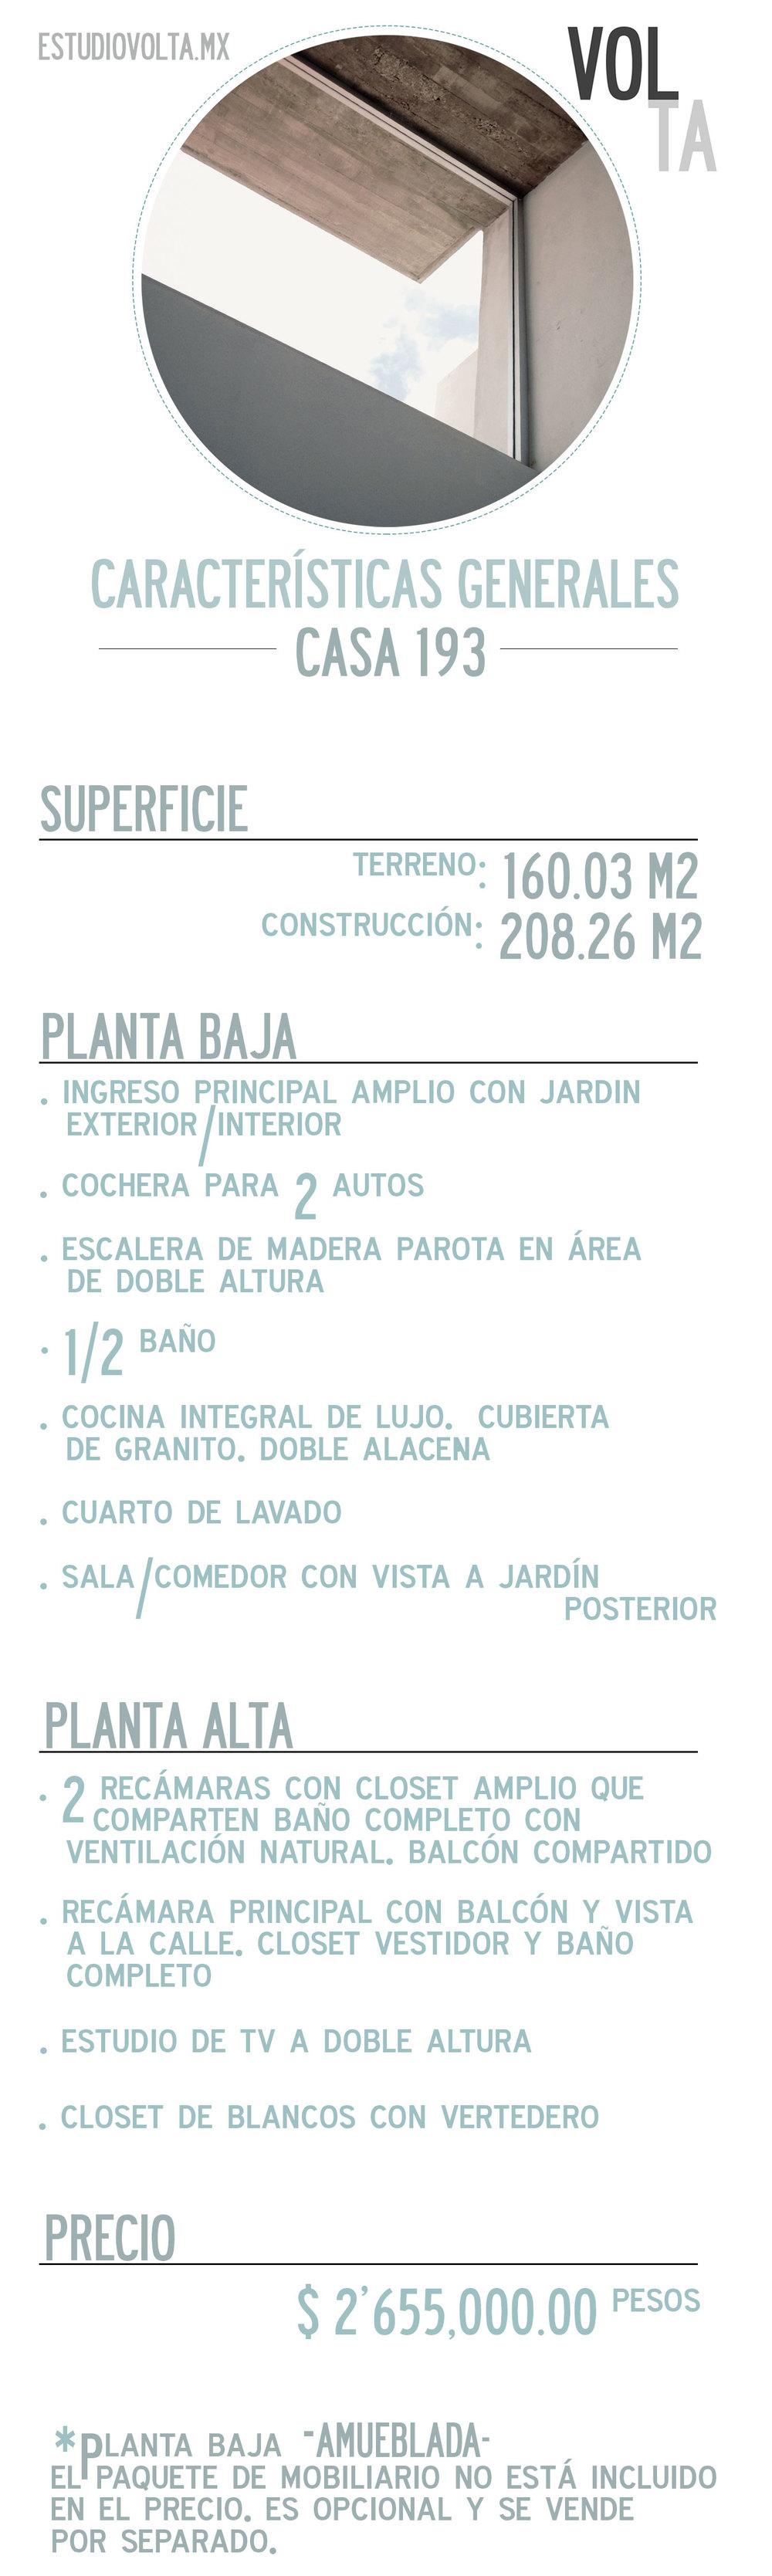 Volta-Casa193.jpg